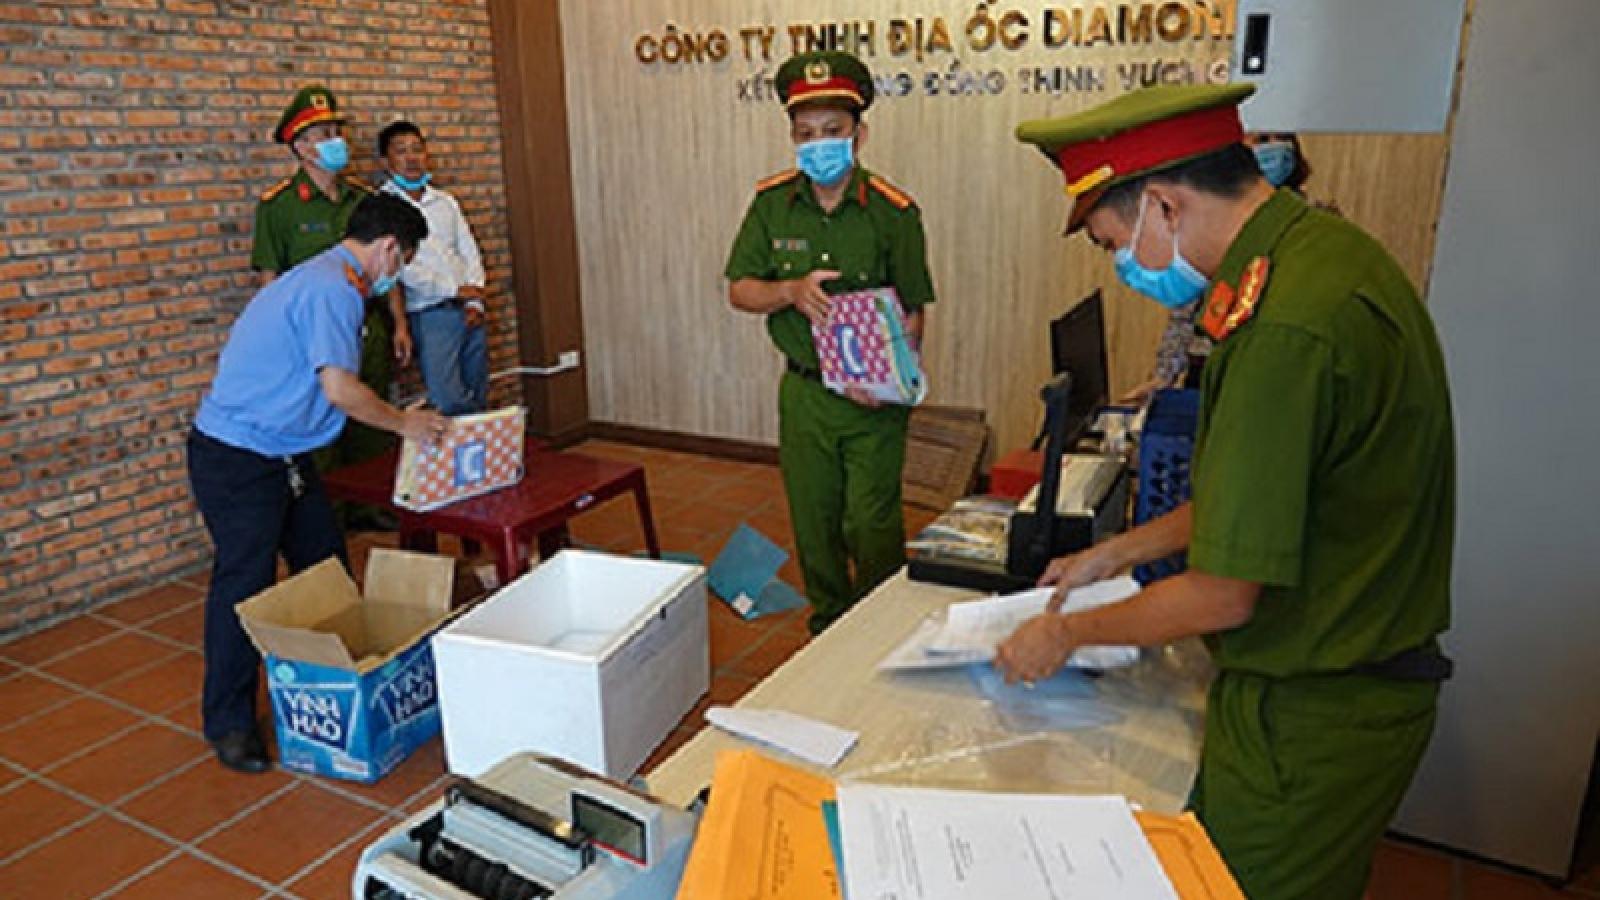 Bình Thuận: Bắt tạm giam Giám đốc Công ty địa ốc Diamond Land